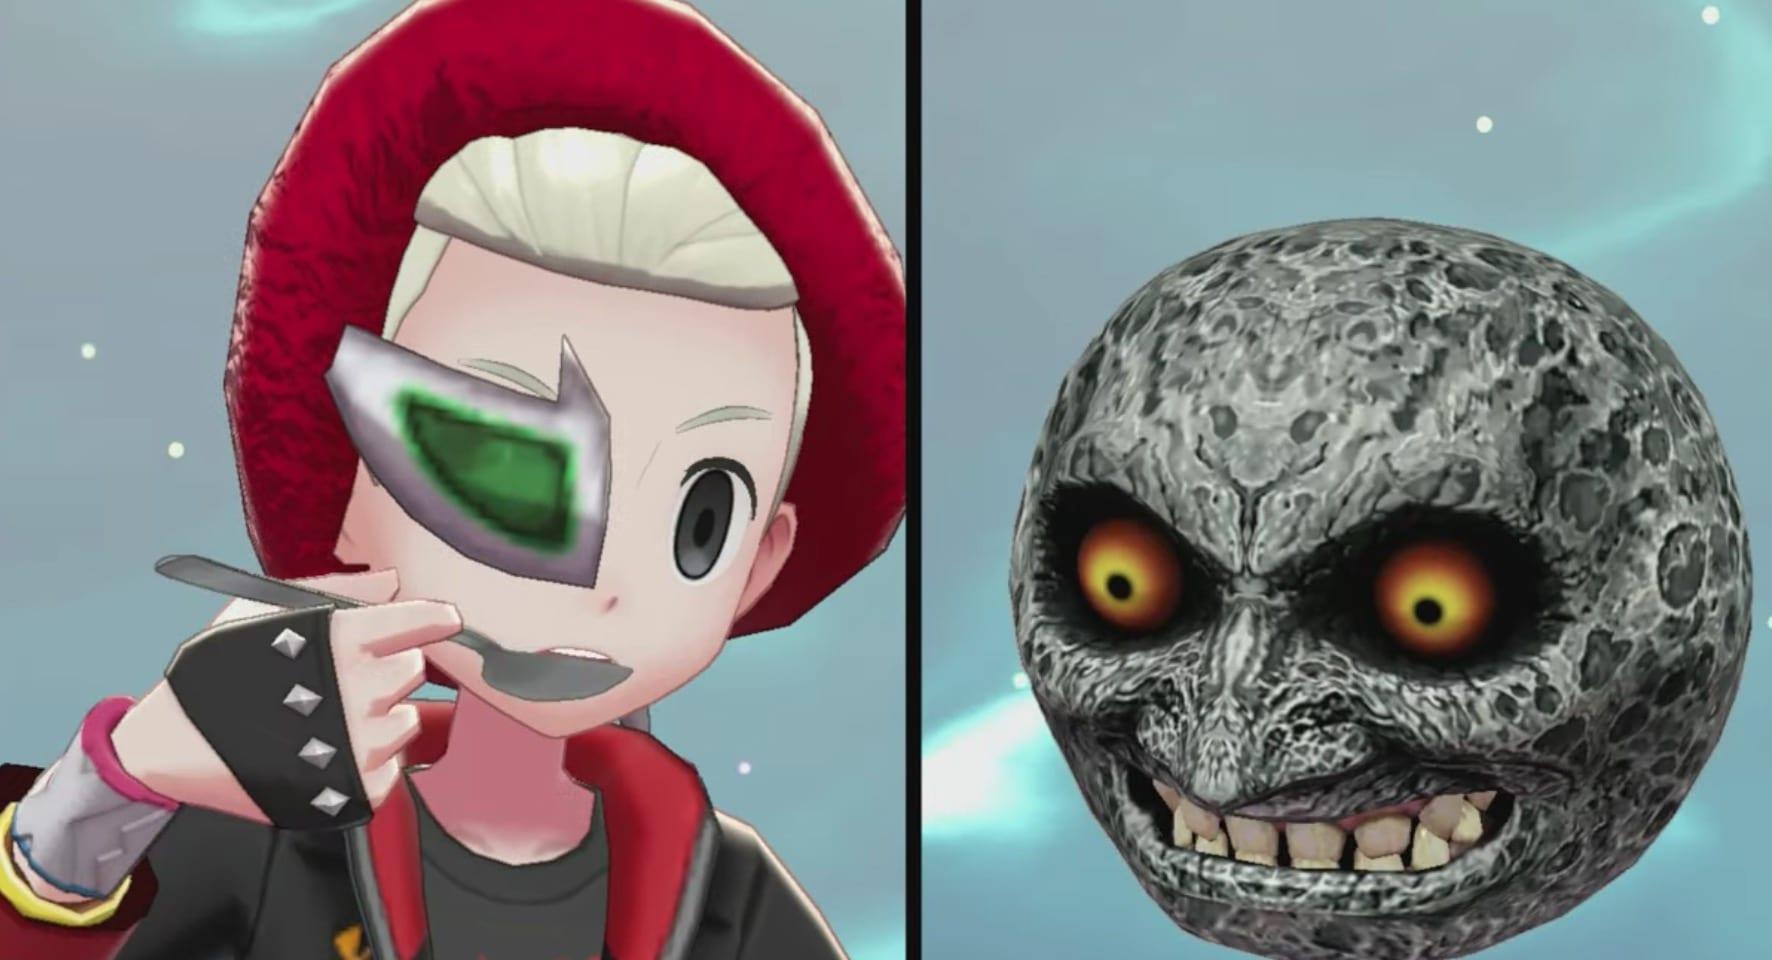 majora's mask, pokemon sword and shield